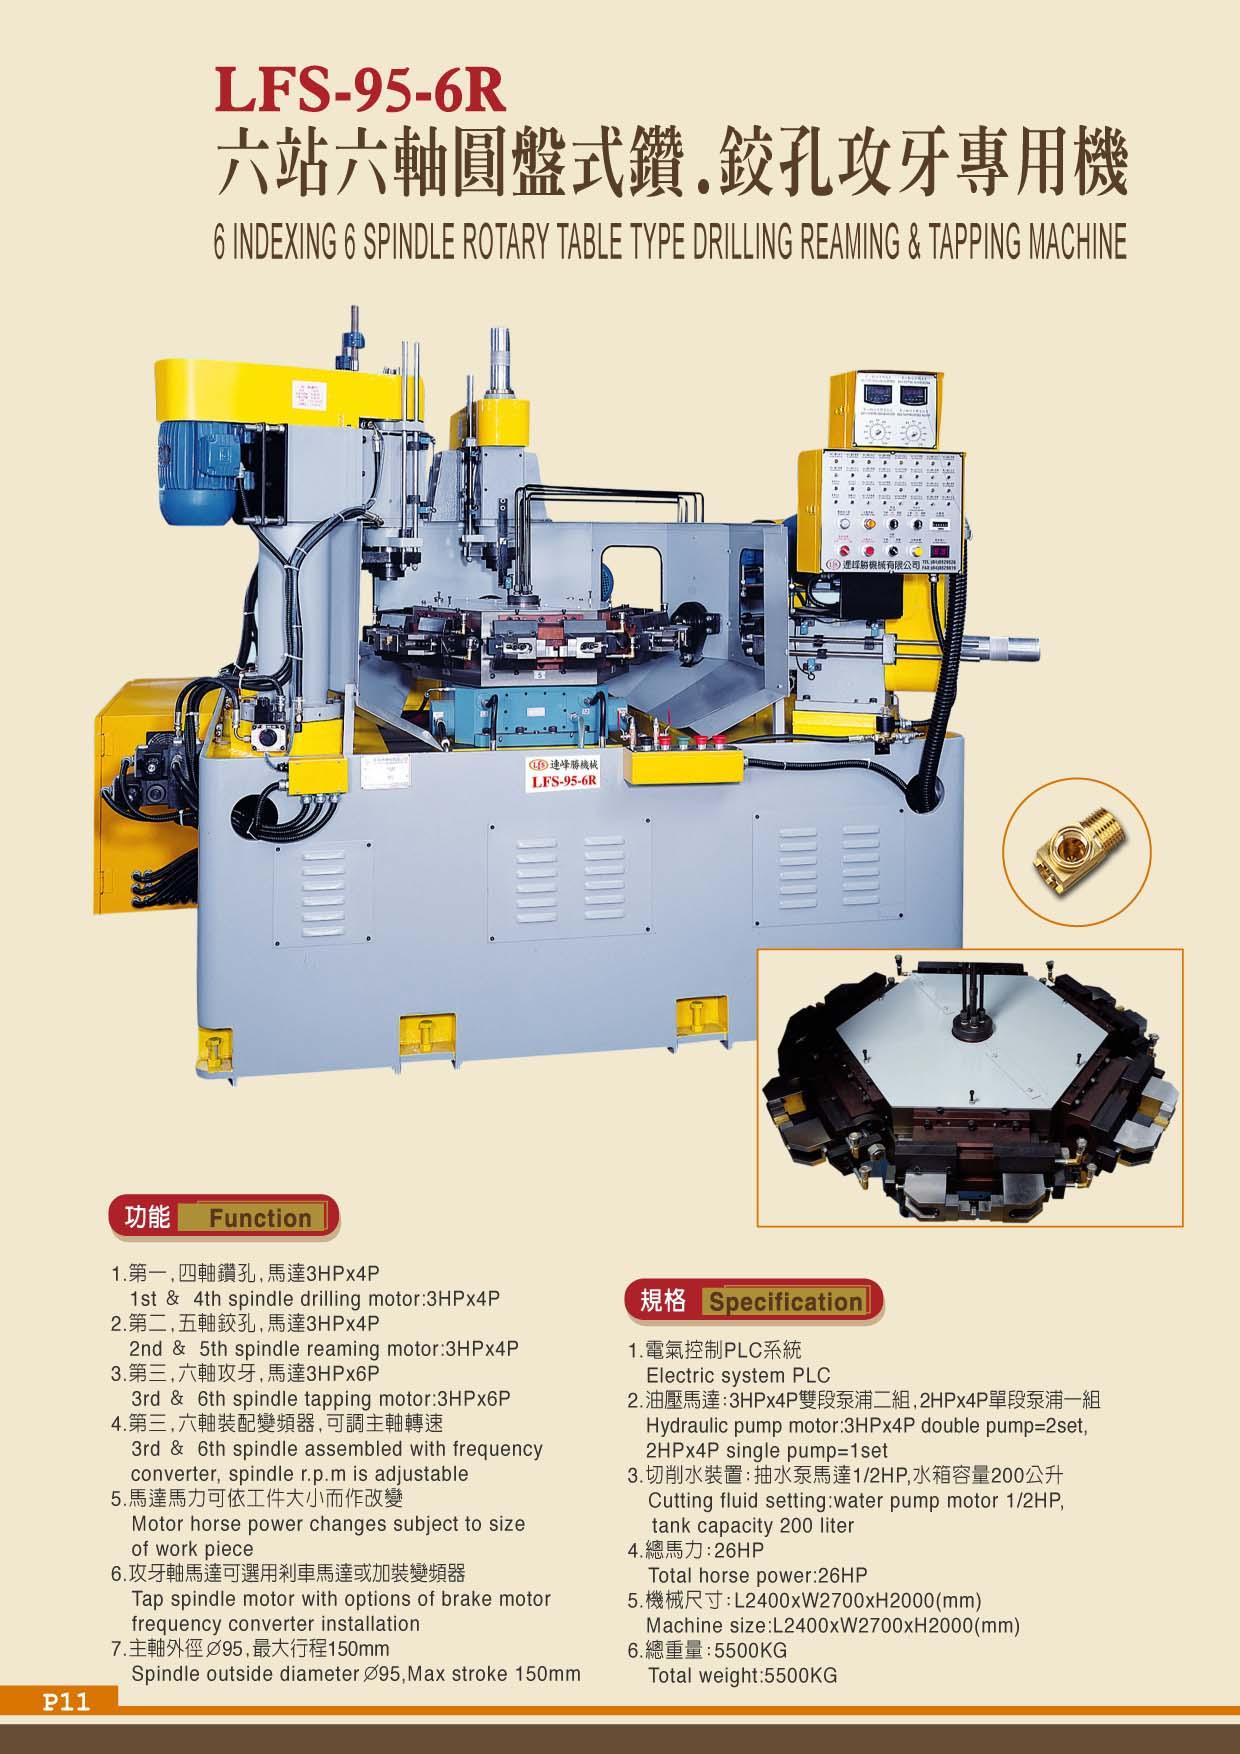 六轴转盘式加工专用机